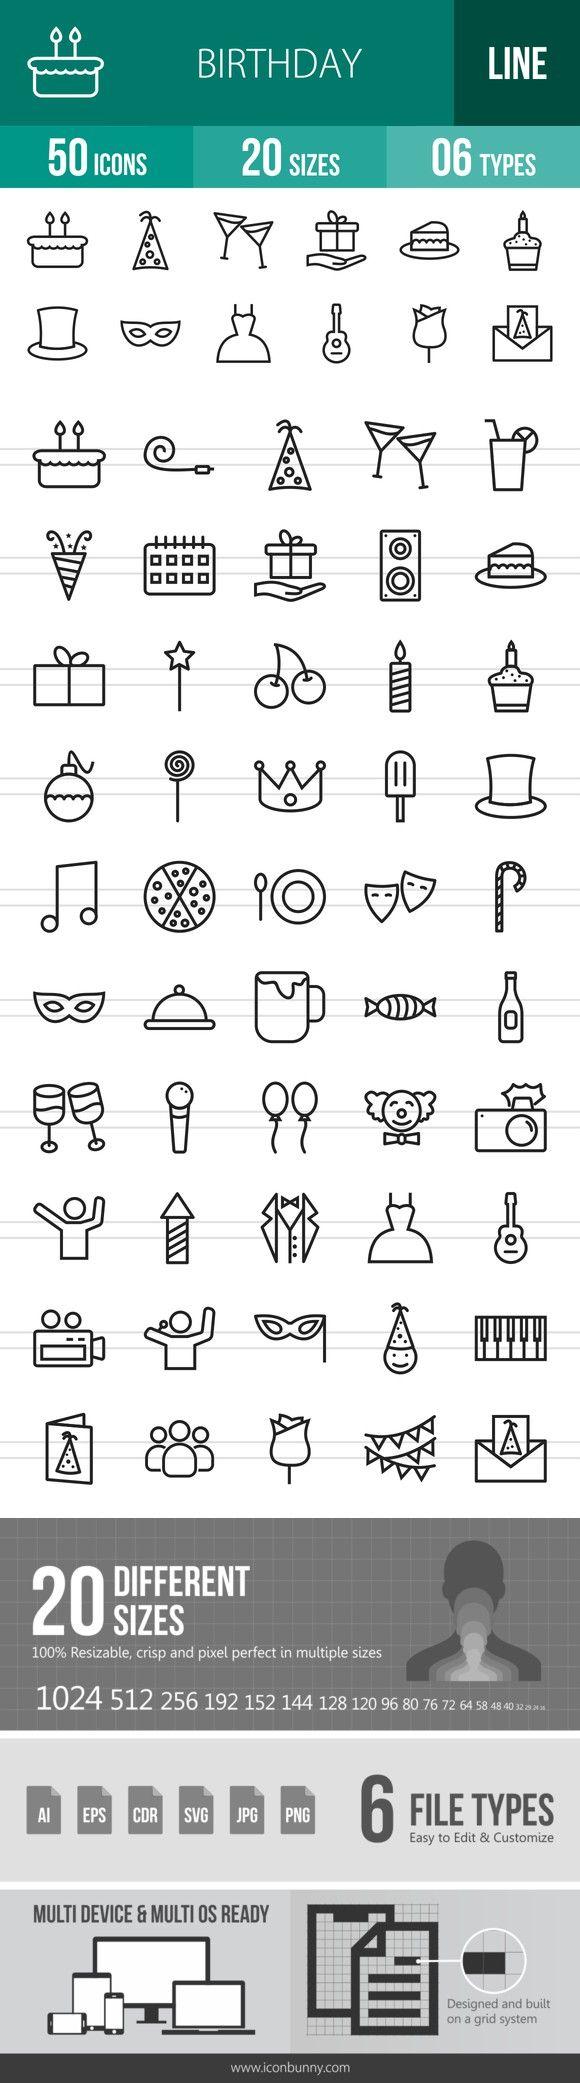 50 Birthday Line Icons